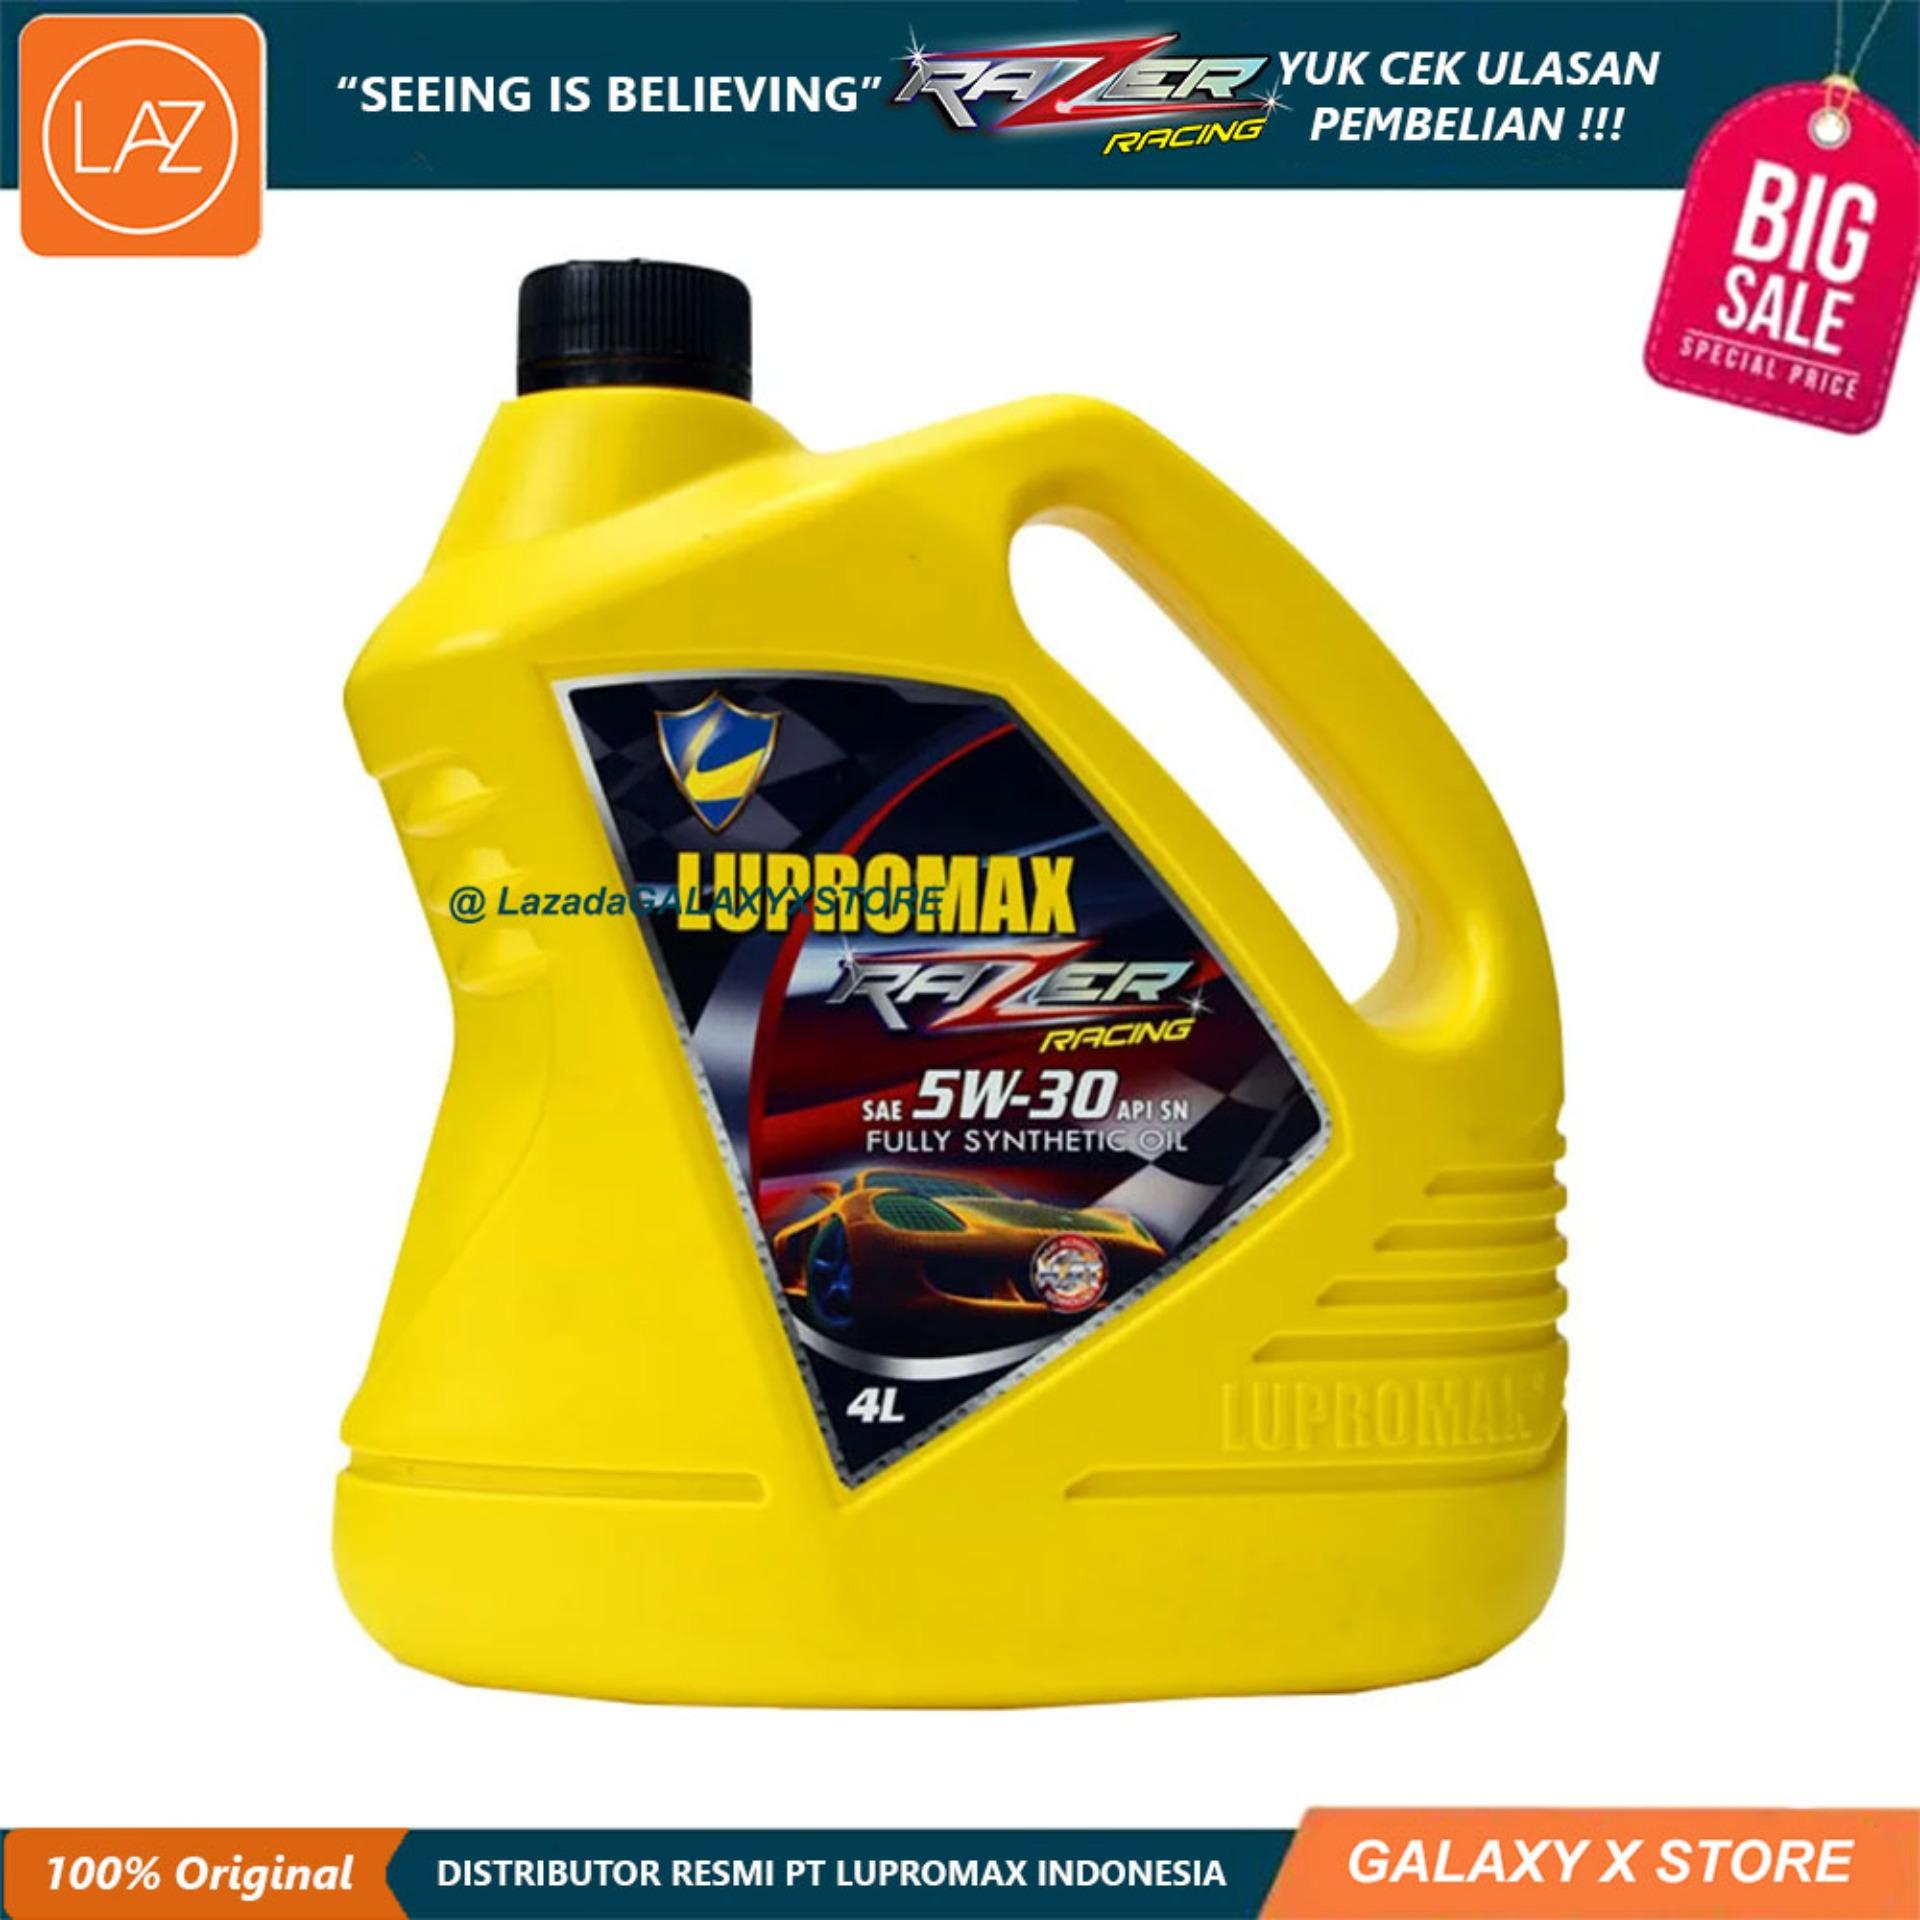 Lupromax Razer Racing 5W30 API SN Oli Mobil - 4 Liter Otomotif Minyak Pelumas Oli